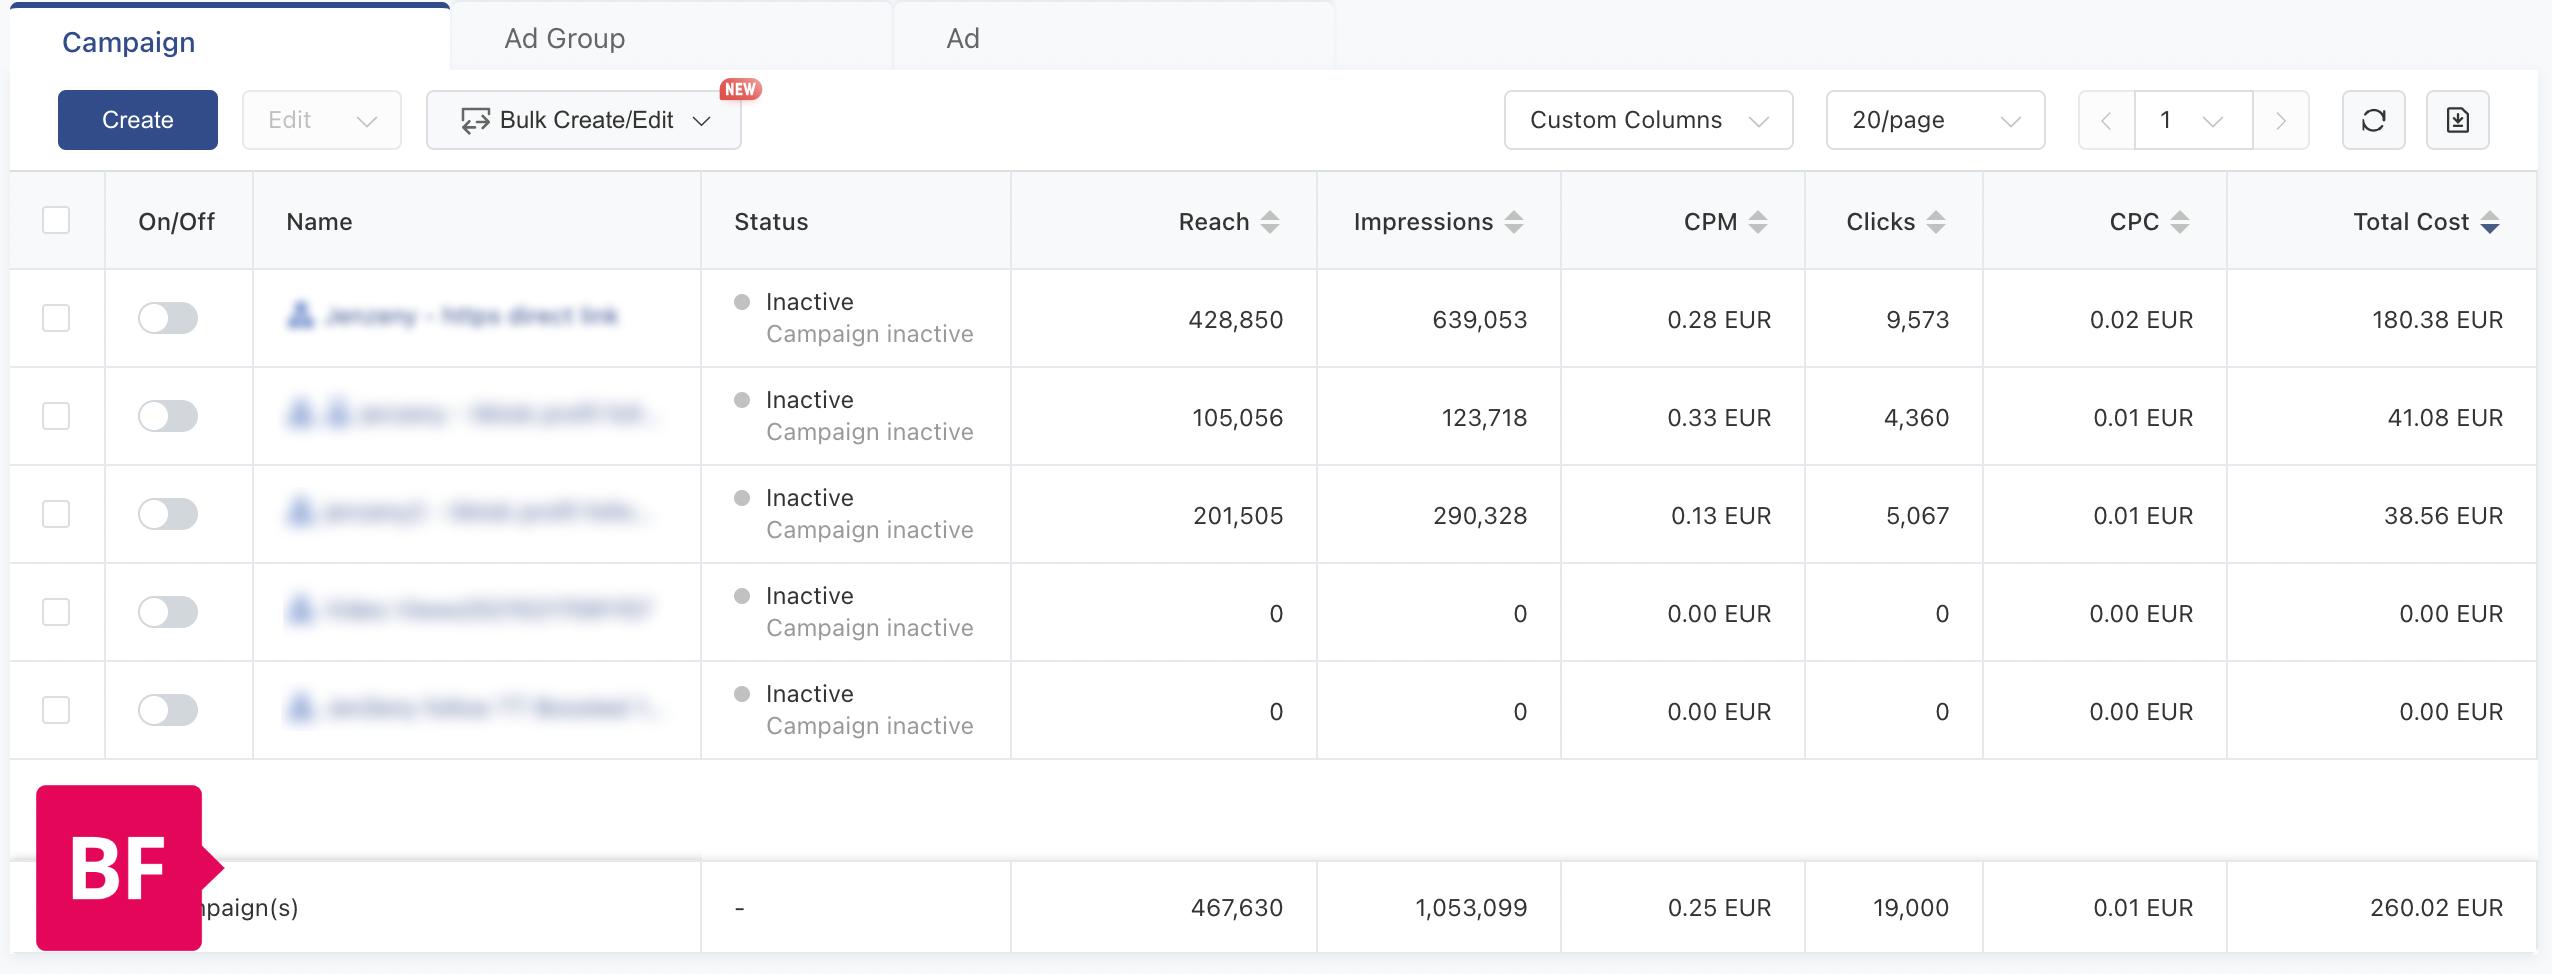 Screenshot z TikTok Ads Manageru. Za 260 euro jsme oslovili téměř půl milionu unikátních uživatelů, kteří se v ten den právě objevili na platformě. Impresí jsme vygenerovali téměř stejně jako přes prémiový formát, který ale stojí násobně více.